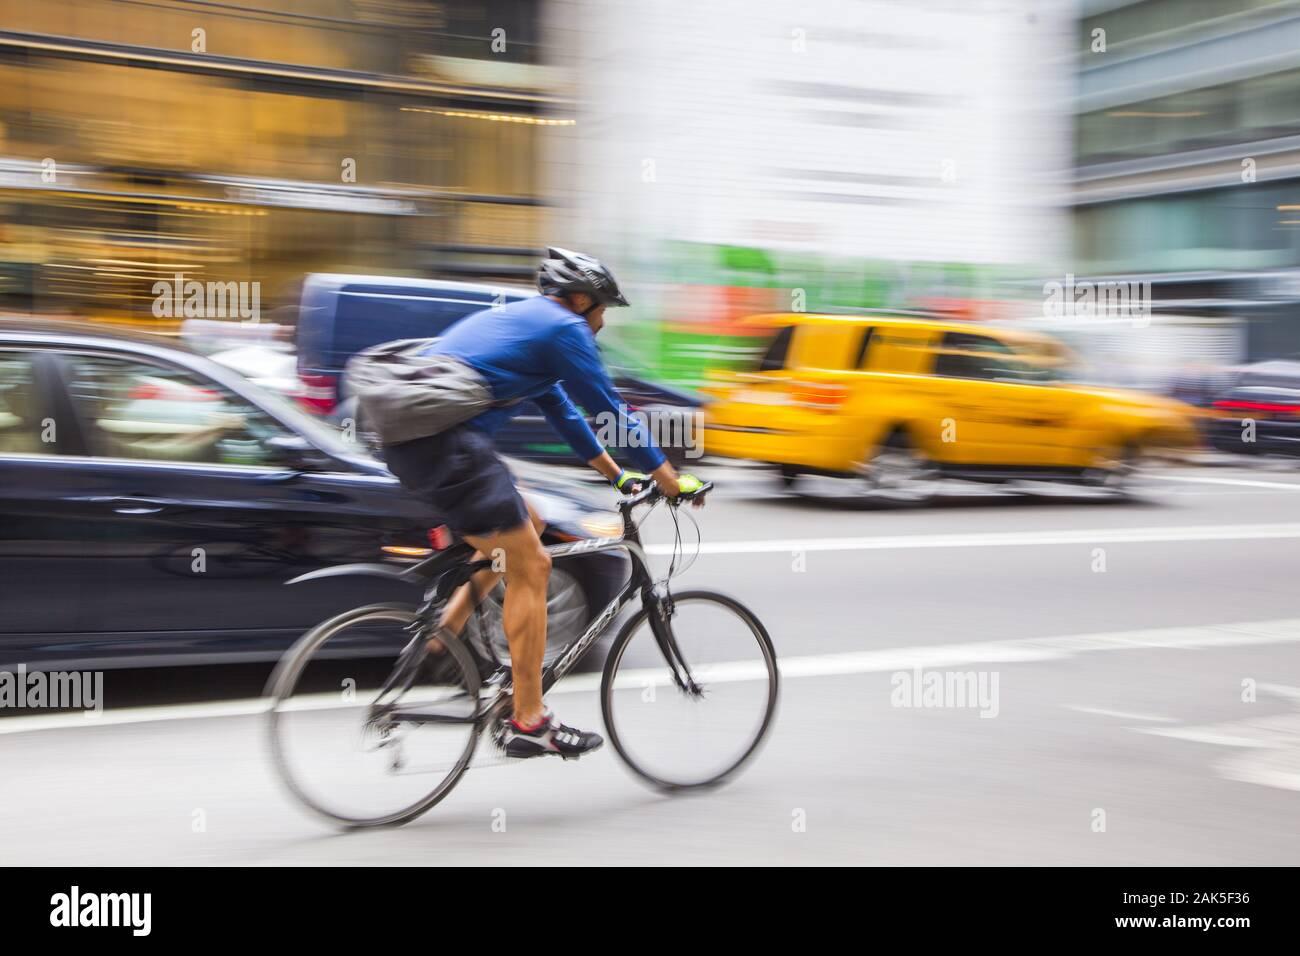 Stadtbezirk Manhattan: Fahrradkurier auf der 5th Ave, New York   usage worldwide Stock Photo